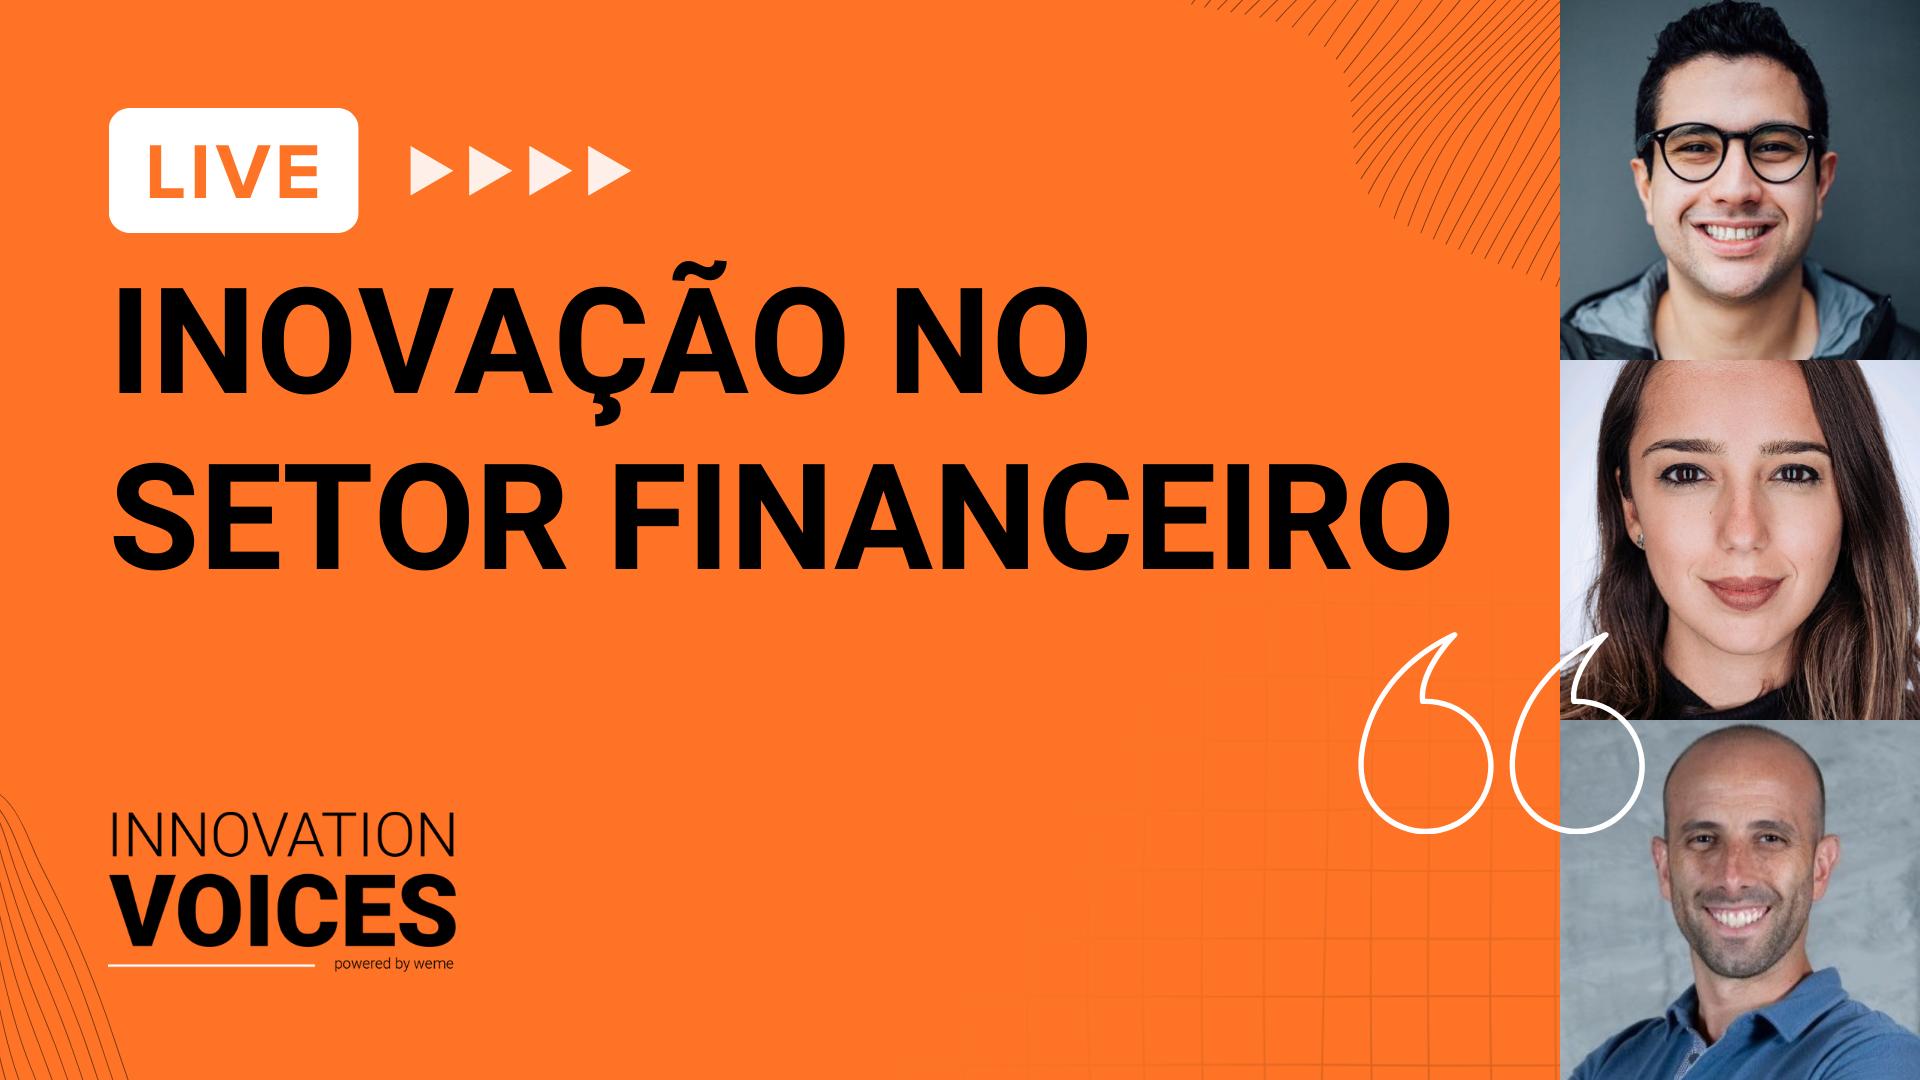 Innovation Voices | Inovação no setor financeiro